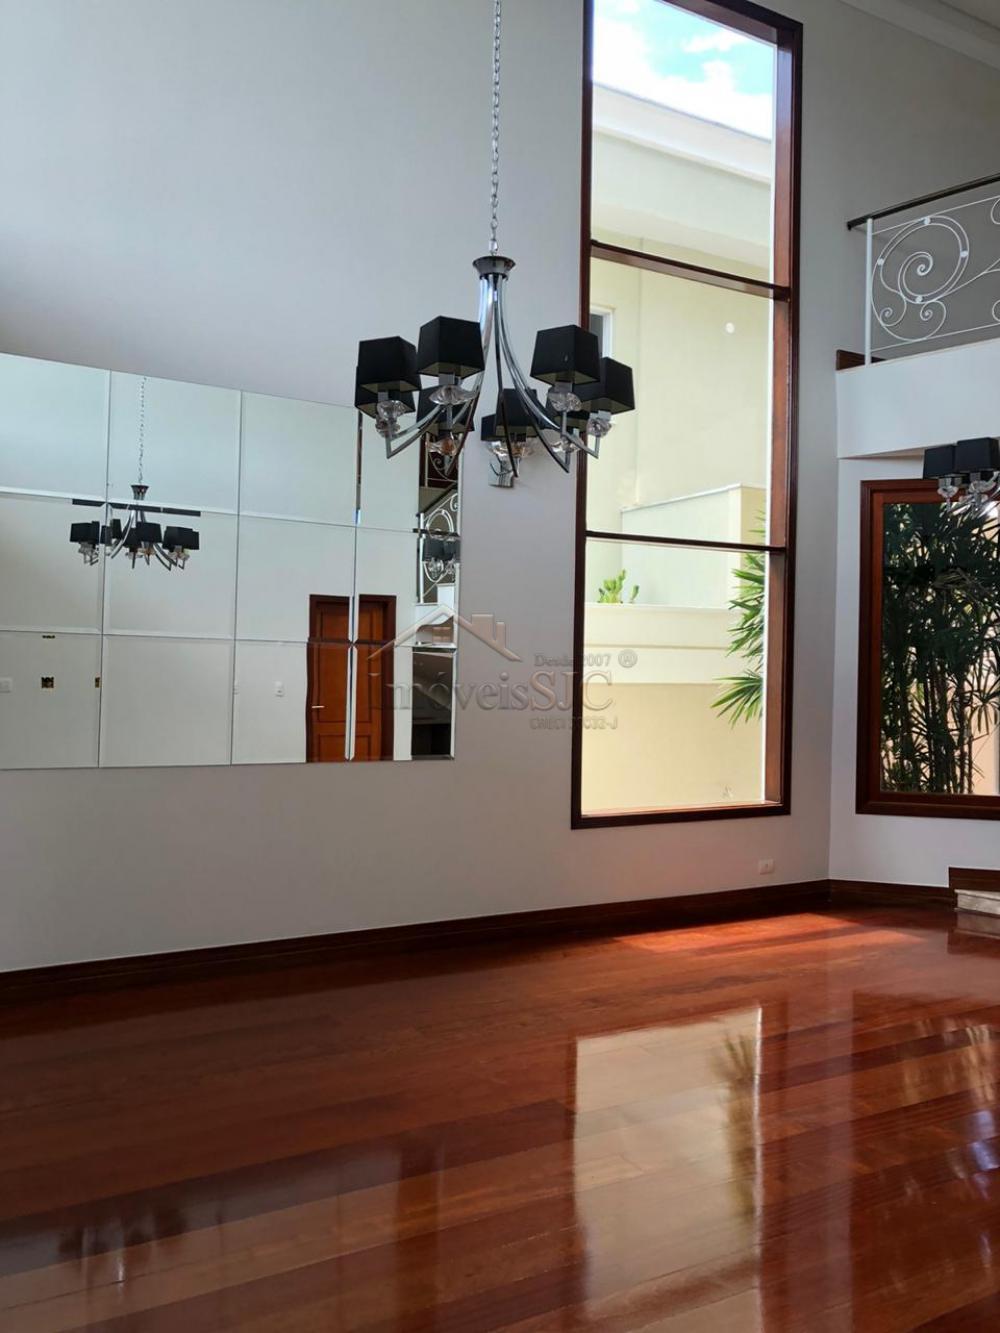 Comprar Casas / Condomínio em São José dos Campos apenas R$ 1.600.000,00 - Foto 2